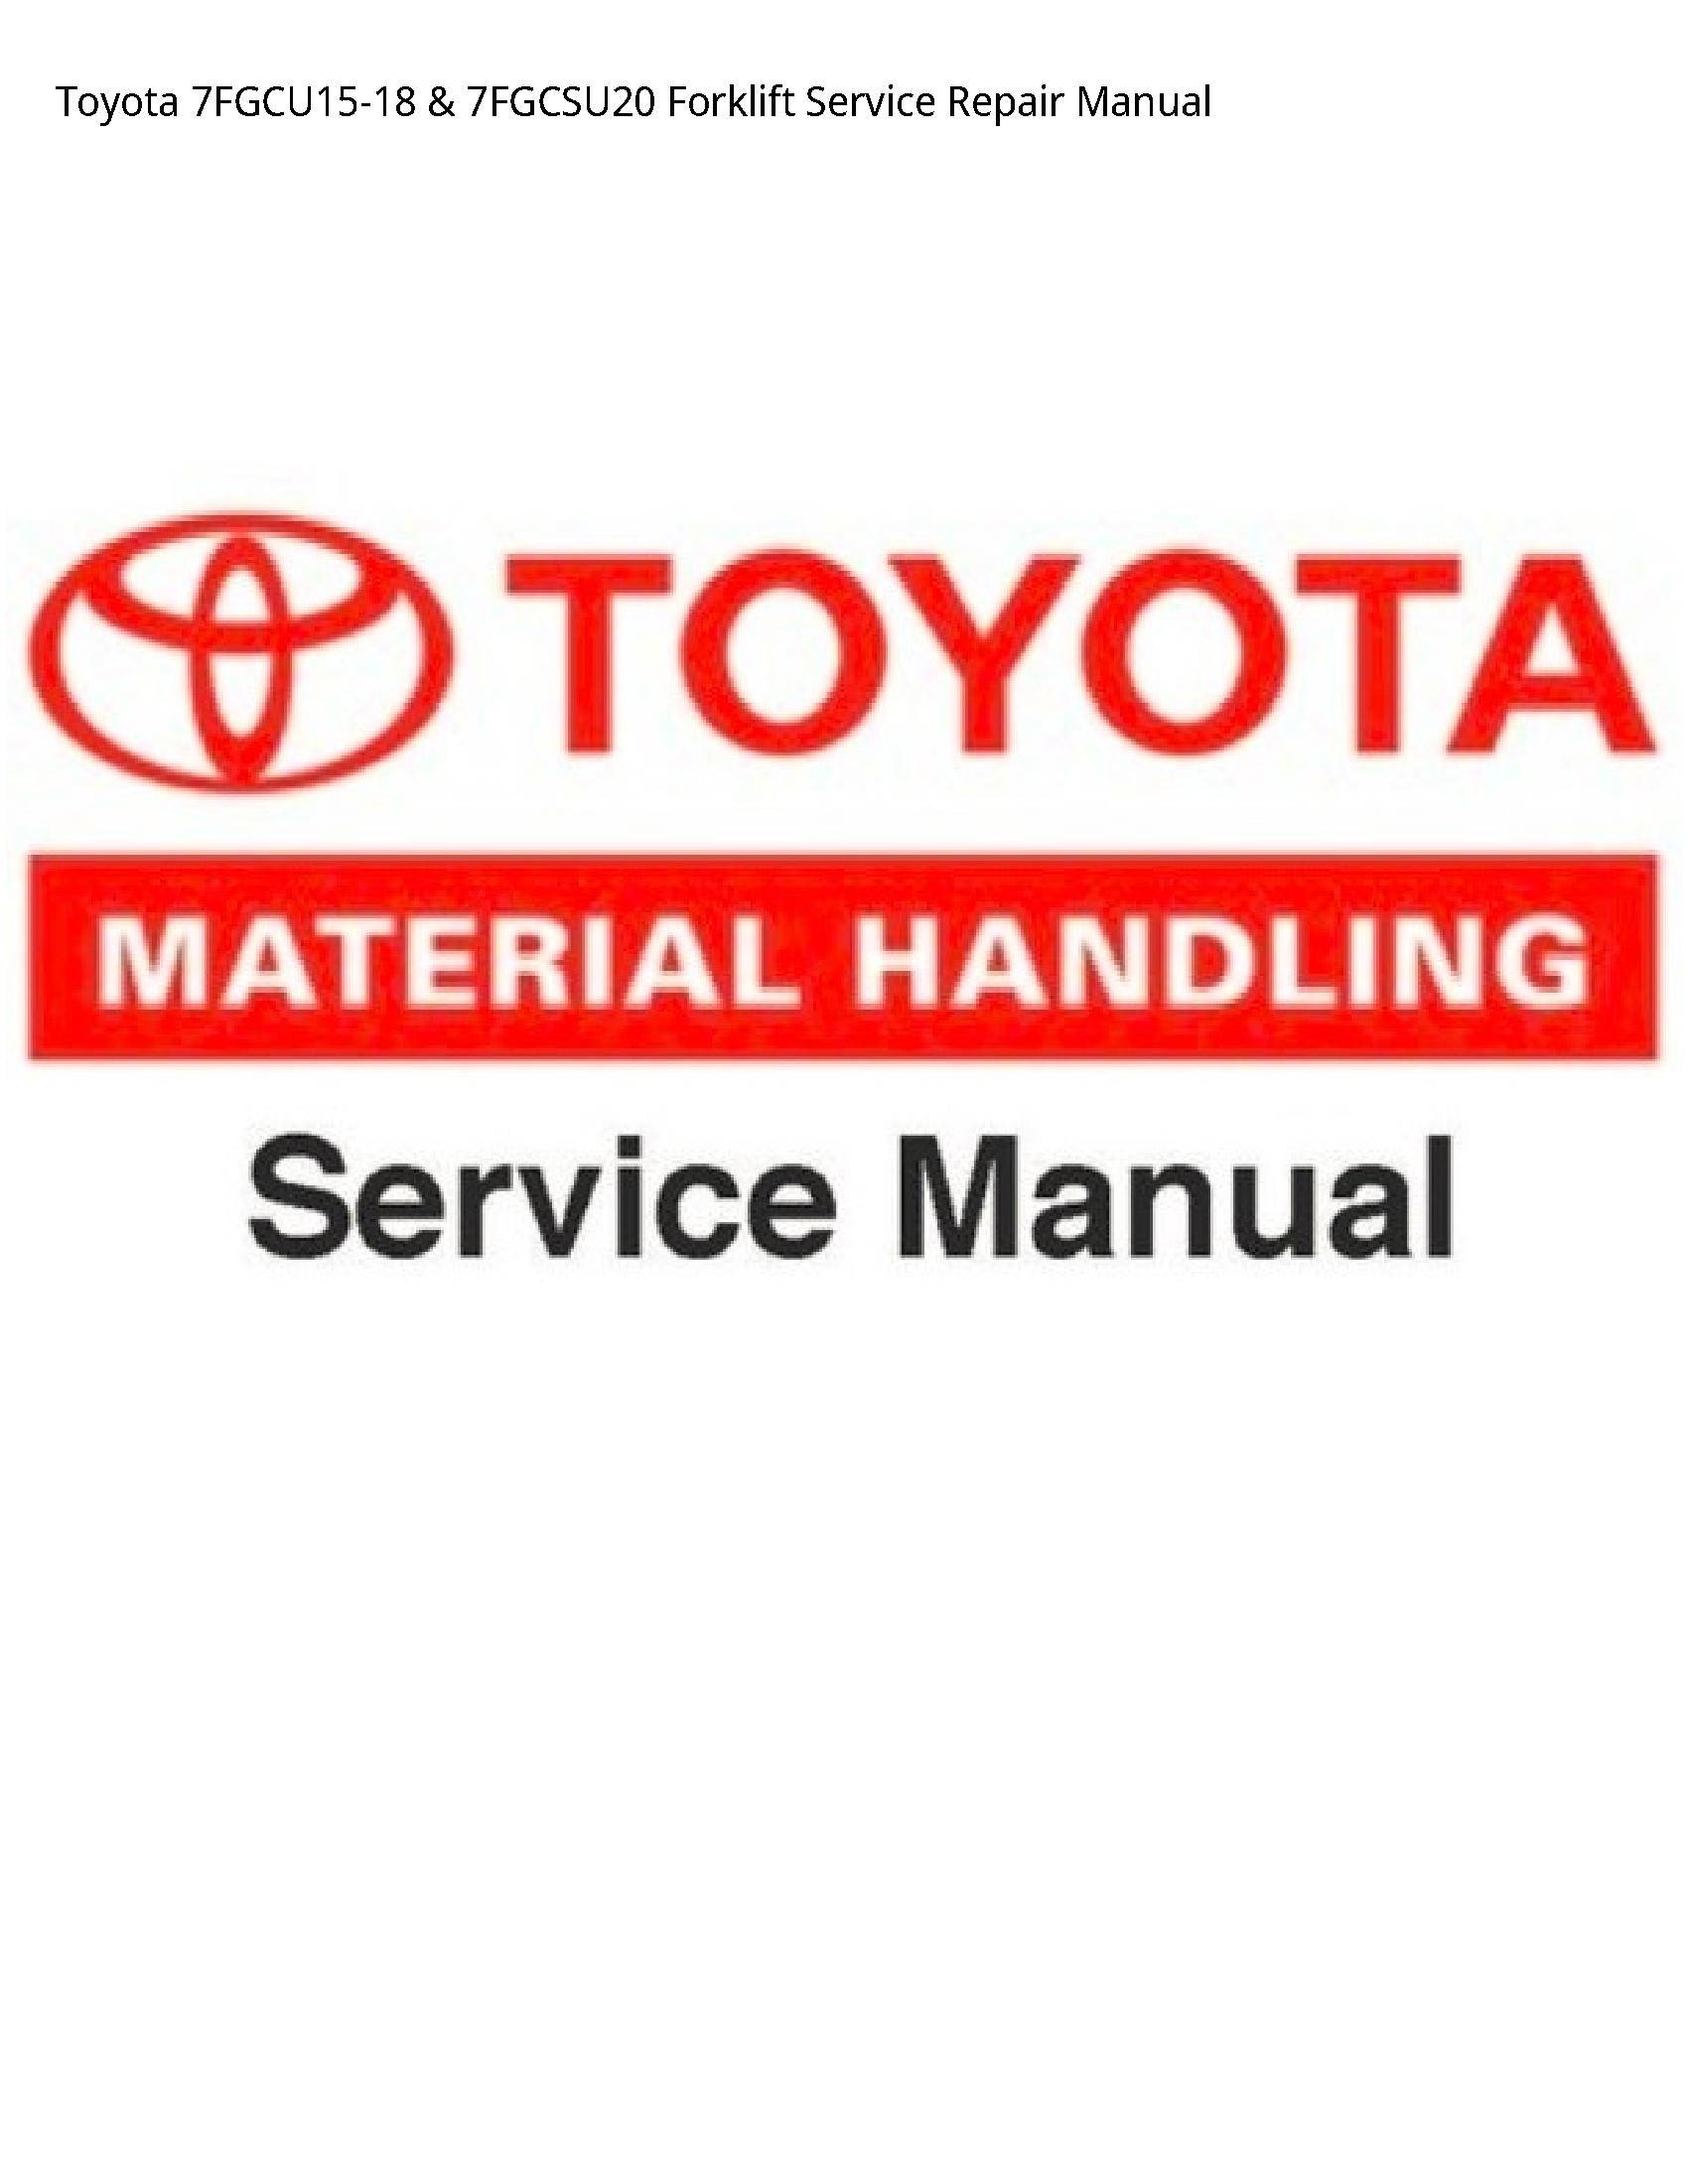 Toyota 7FGCU15-18 Forklift manual